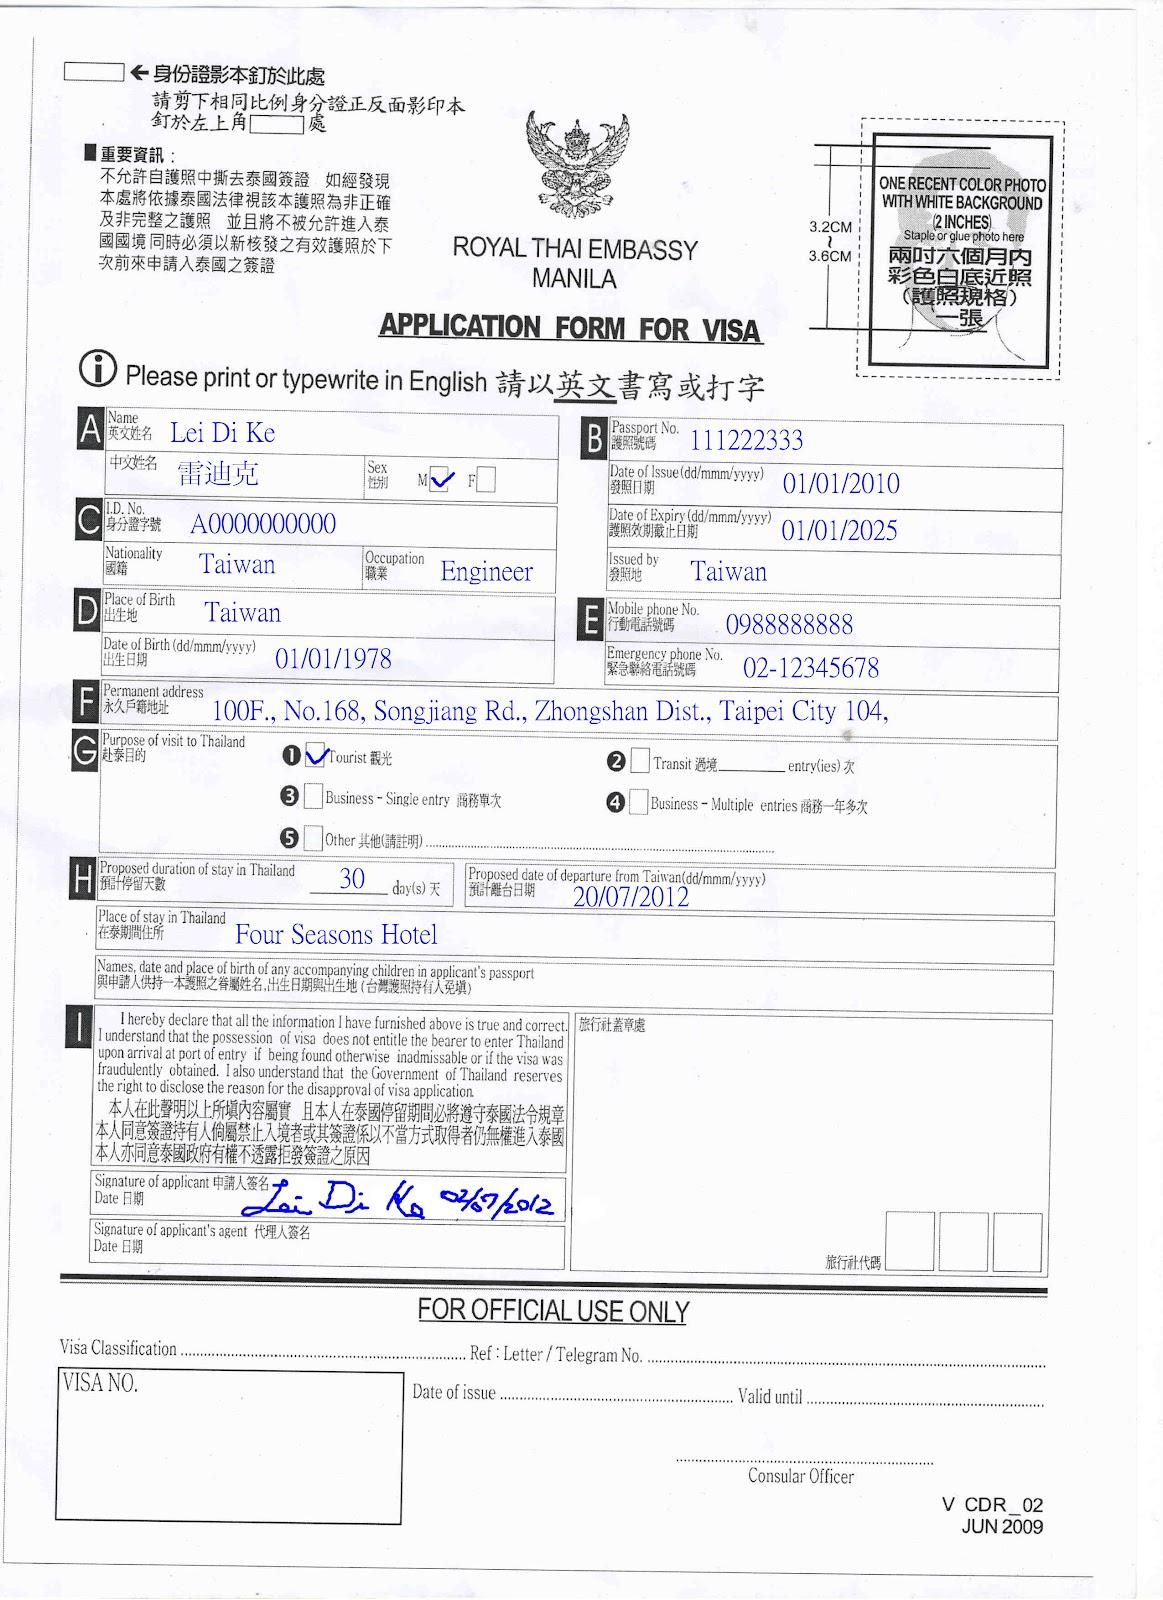 泰國旅遊要簽證嗎2013 2013- 泰國旅遊要簽證嗎2013 2013 - 快熱資訊 - 走進時代